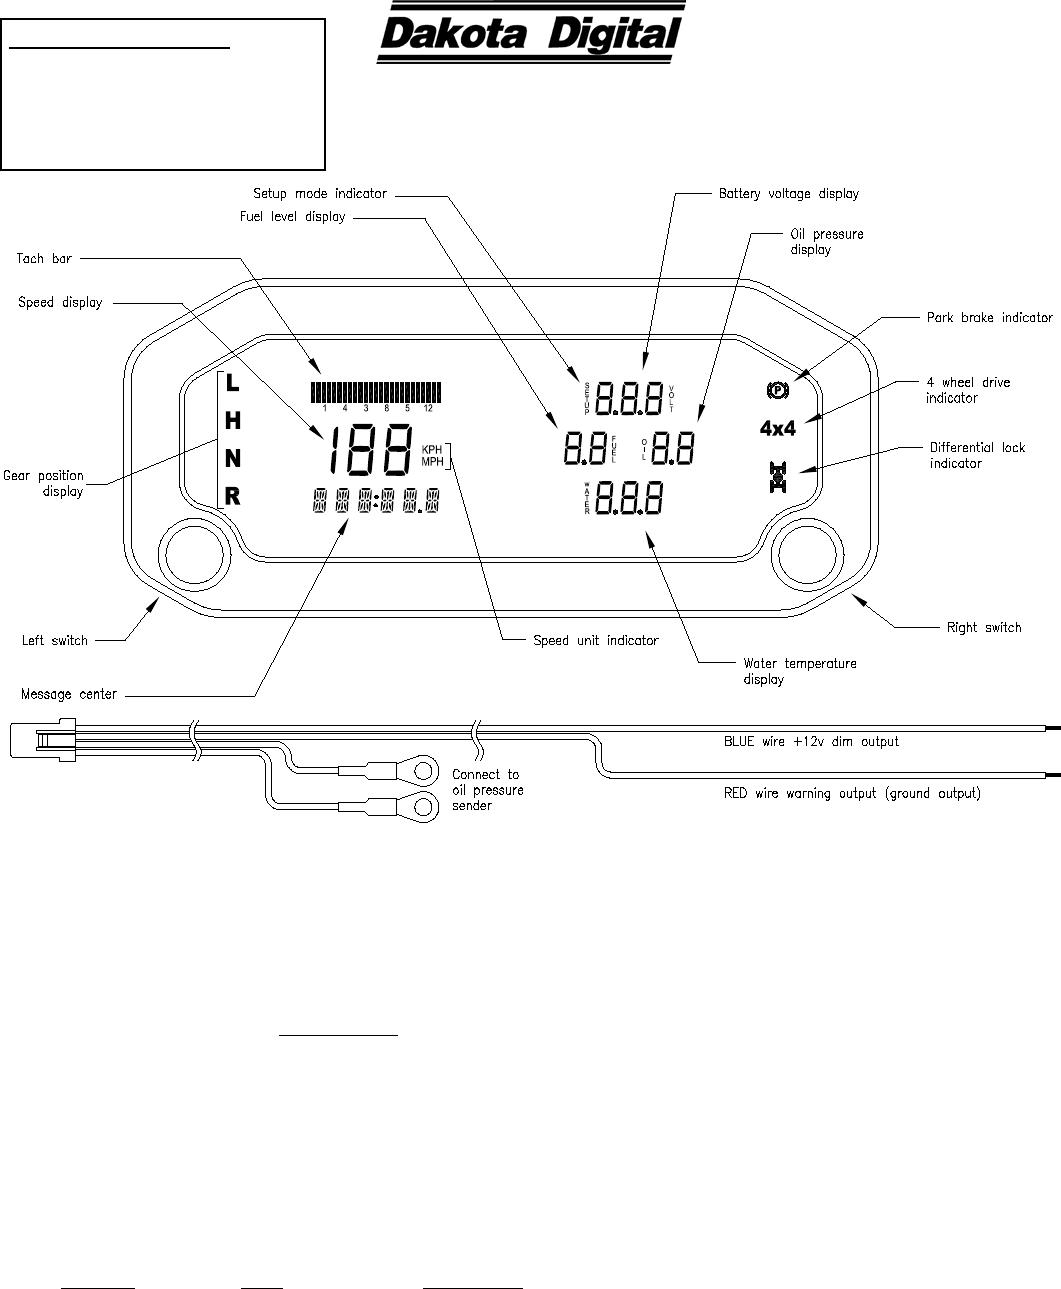 Dakota Digital Gauges Wiring Diagram - Wiring Diagrams on